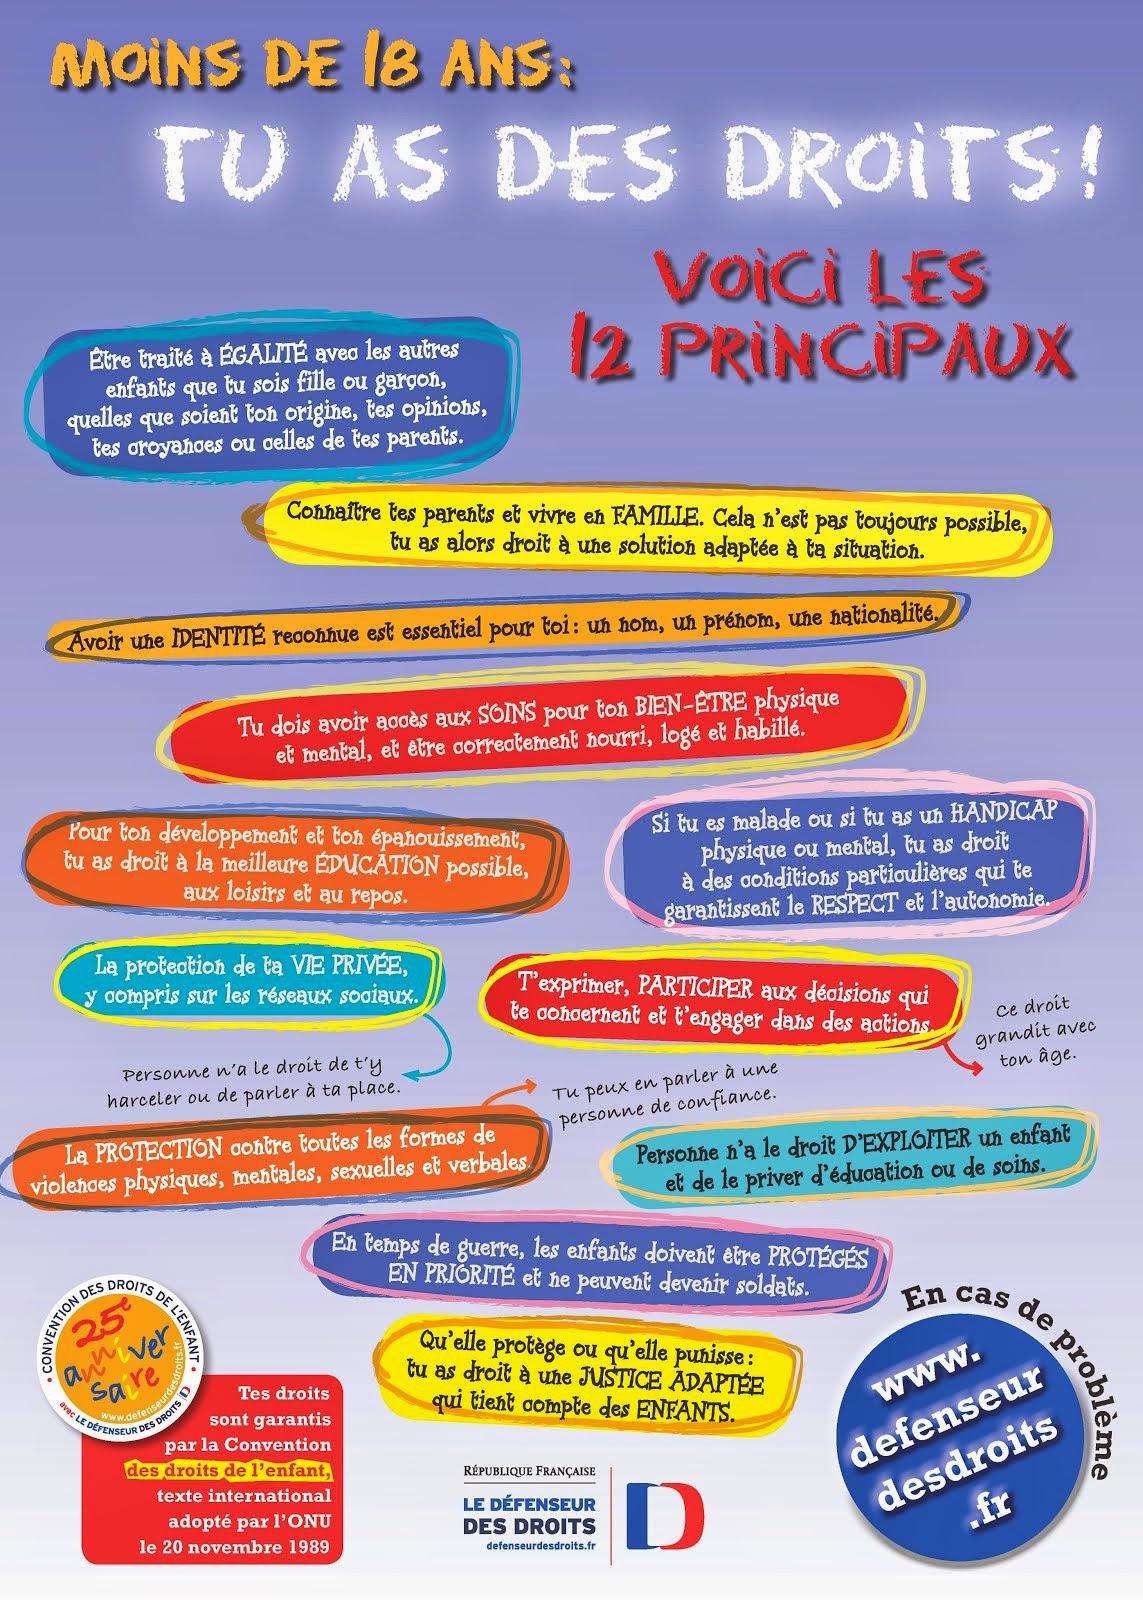 Affiche présentant les 12 principaux droits de l'enfant à télécharger